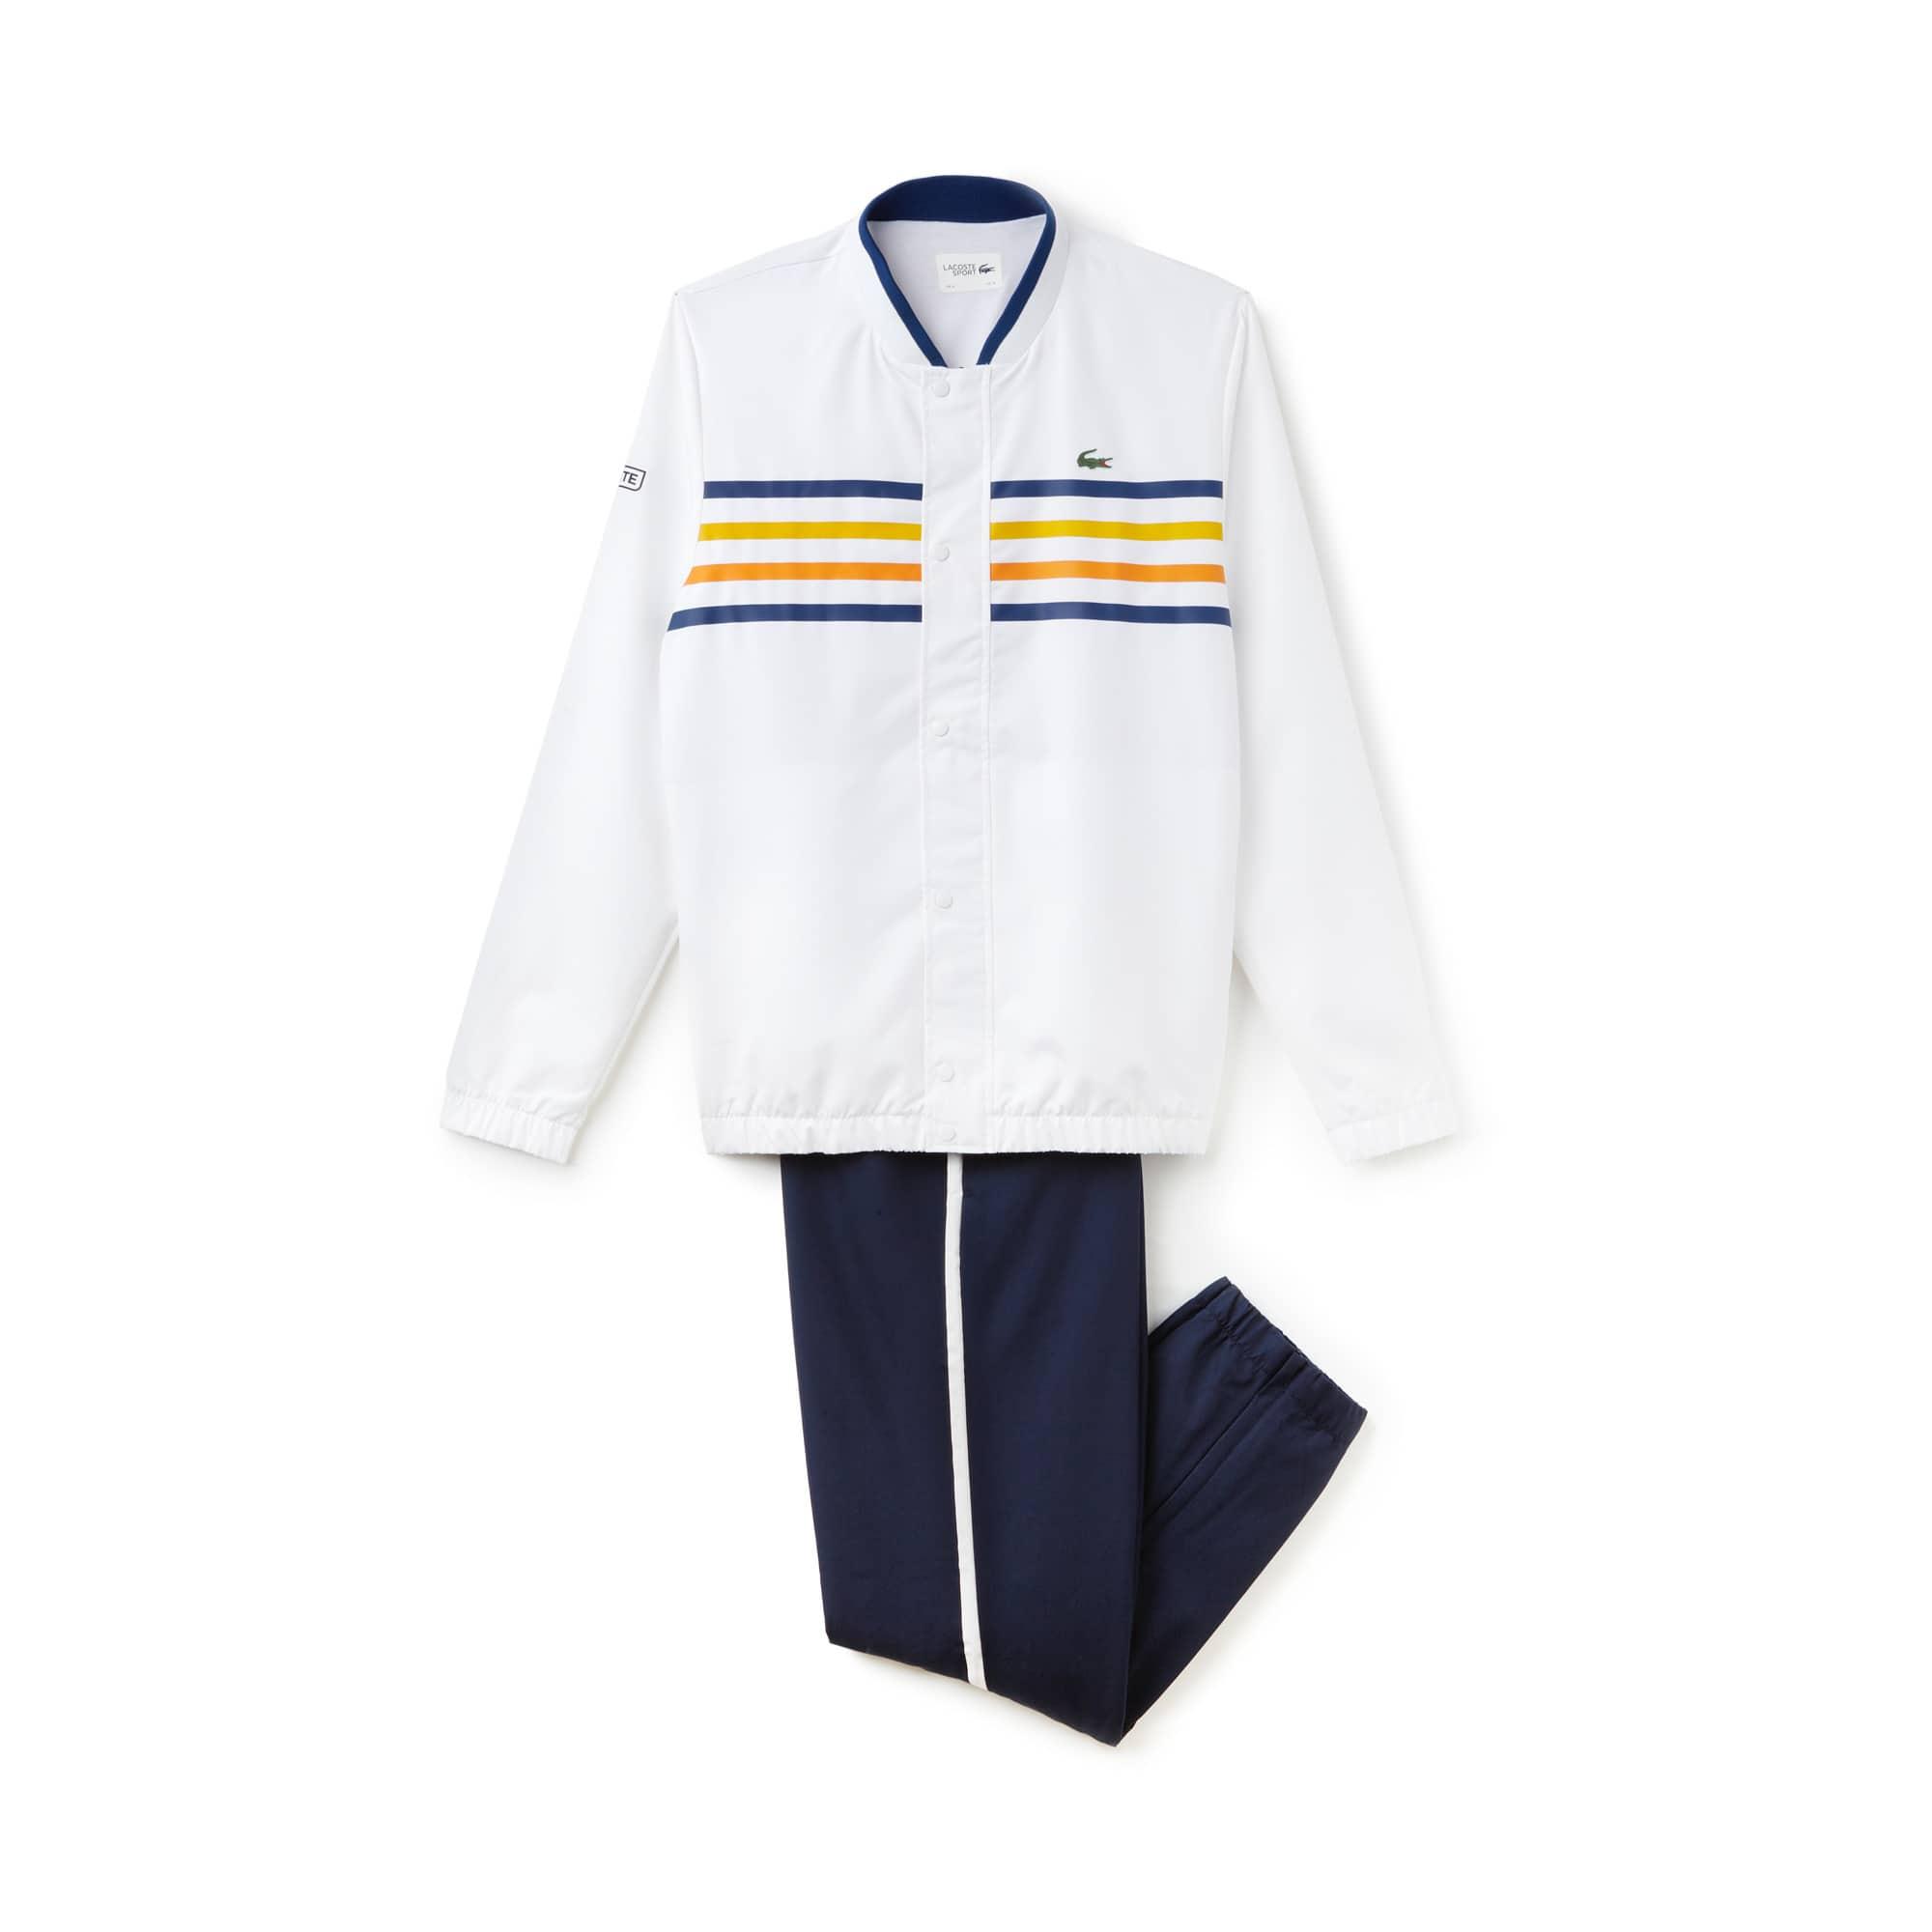 Herren Tennis-Trainingsanzug mit Farbstreifen LACOSTE SPORT